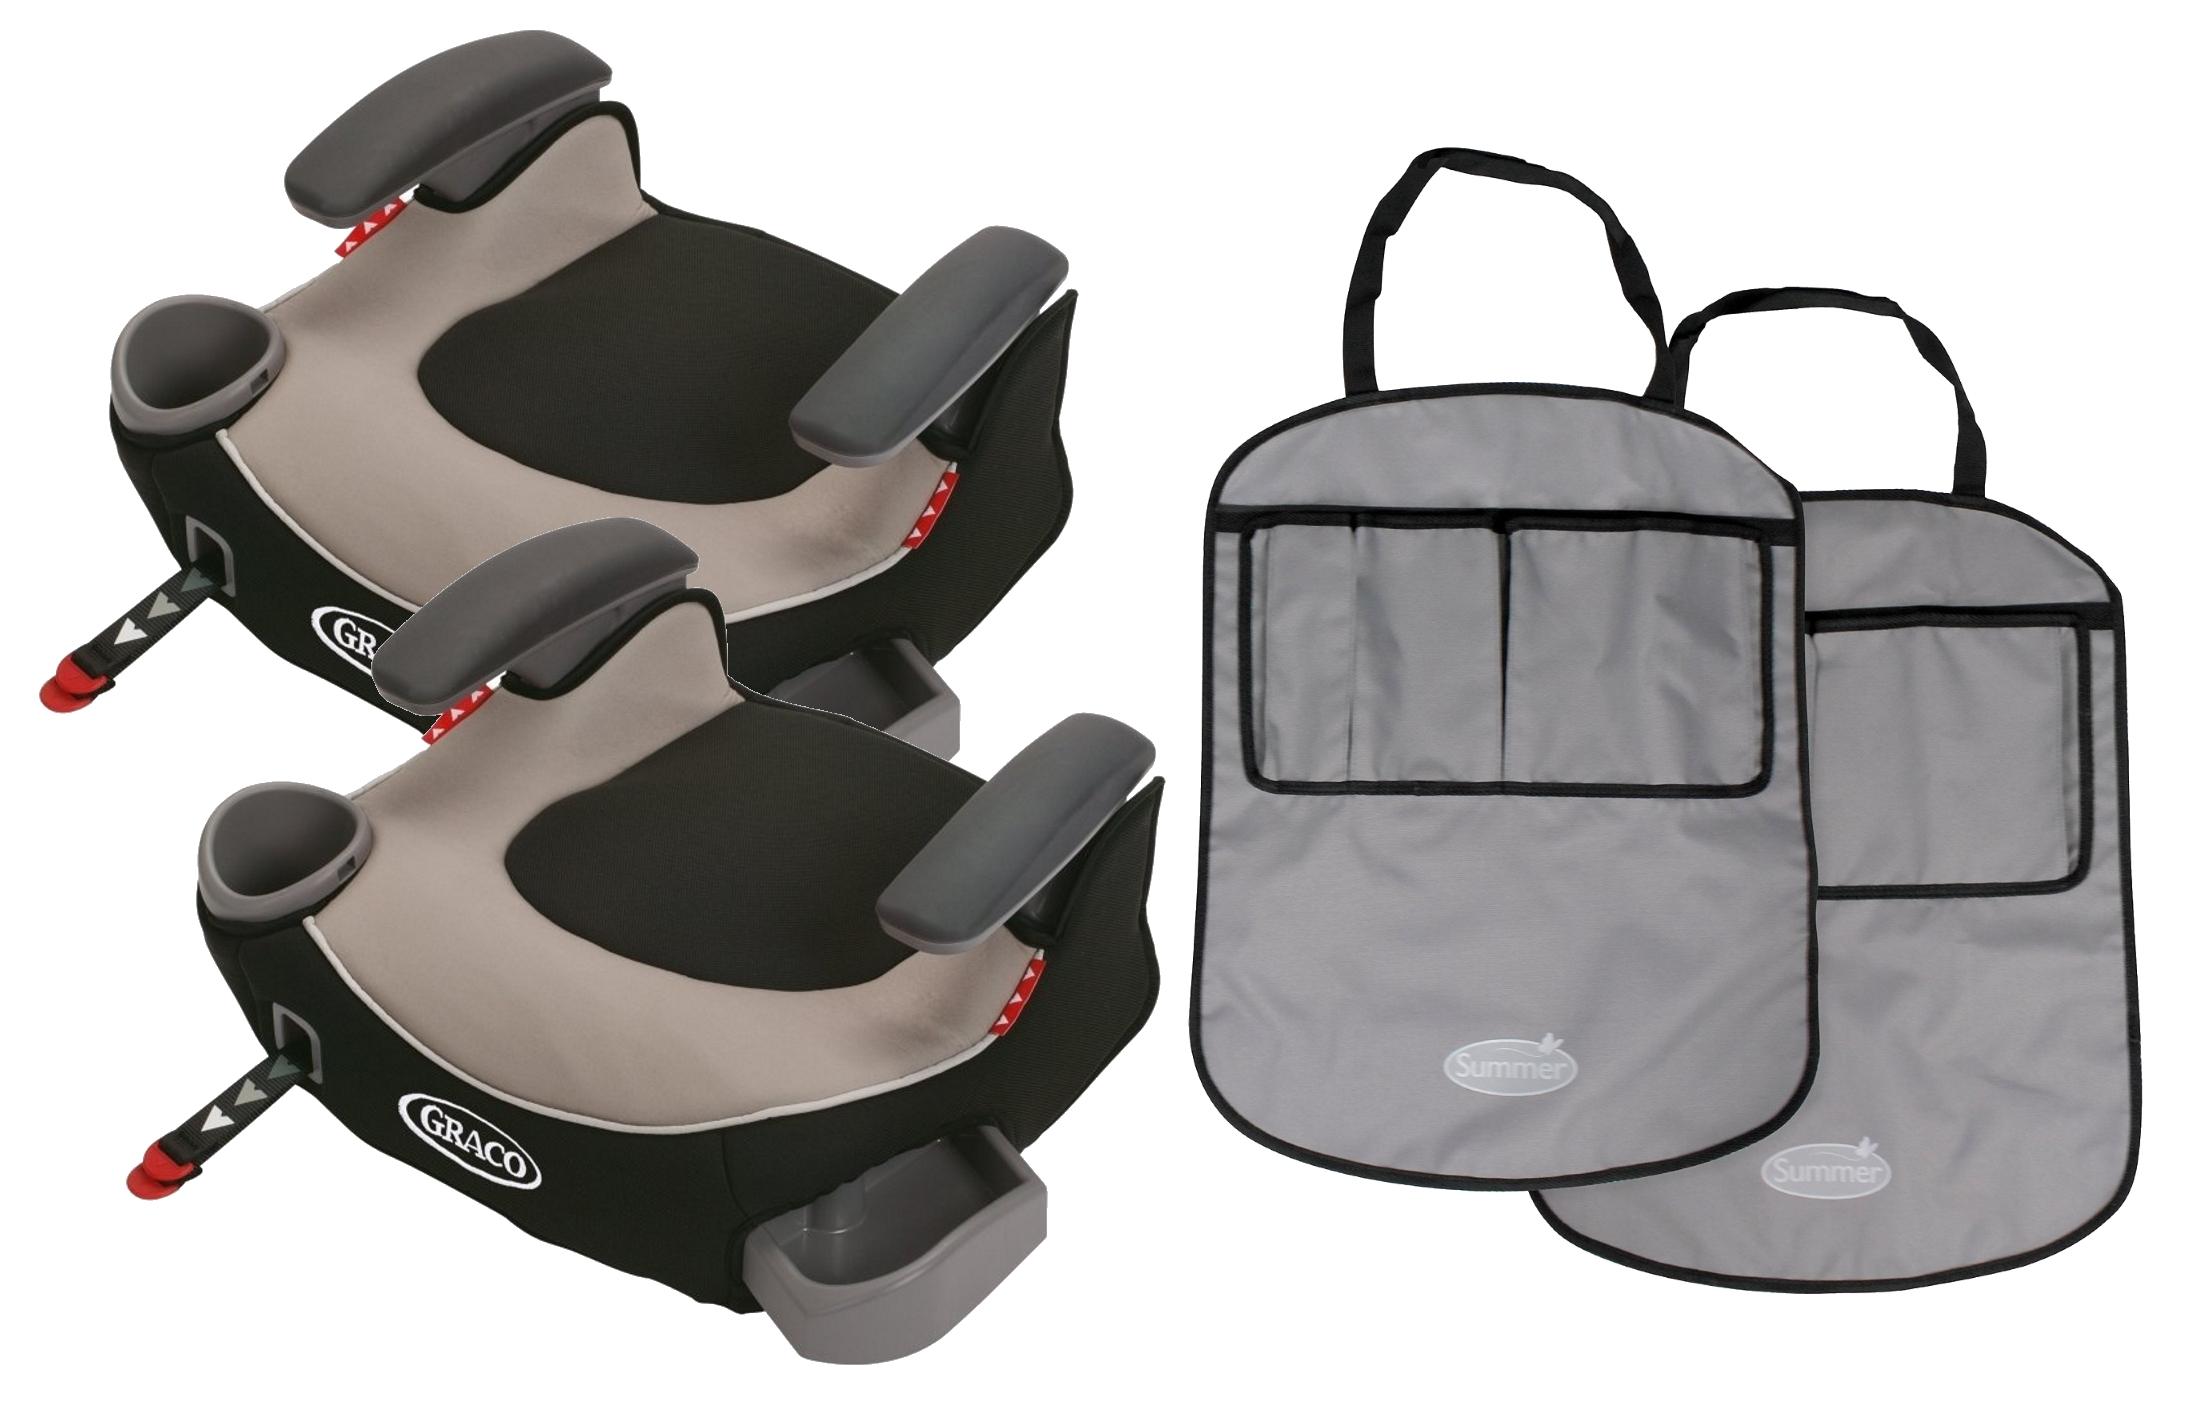 Silla De Carro Para Bebe 2 Fije la Graco Booster sin respaldo asientos con esteras de tiro libre, Pierce + Graco en Veo y Compro